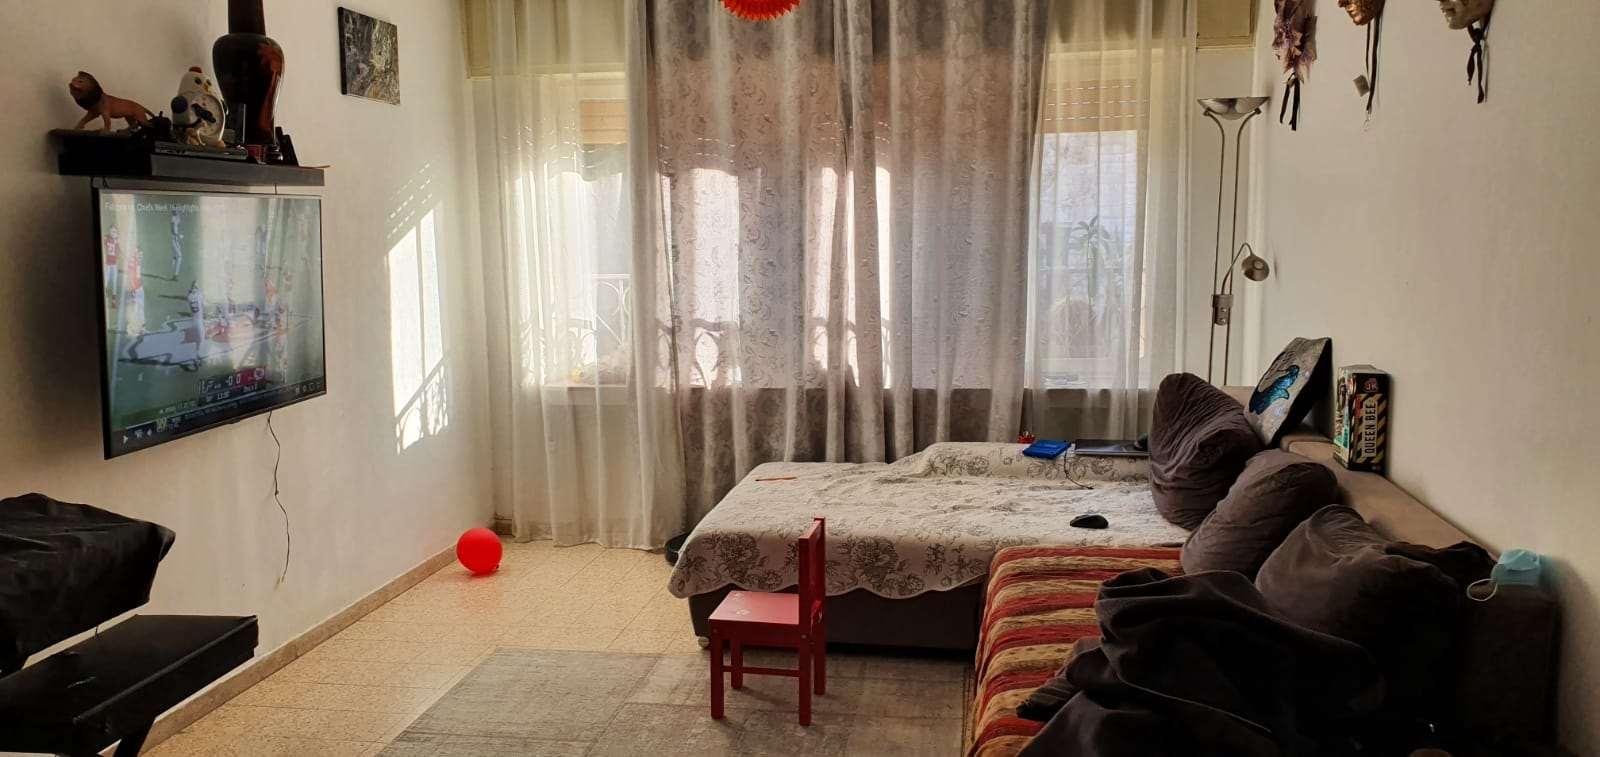 דירה להשכרה 3.5 חדרים בירושלים קדיש לוז רמת שרת